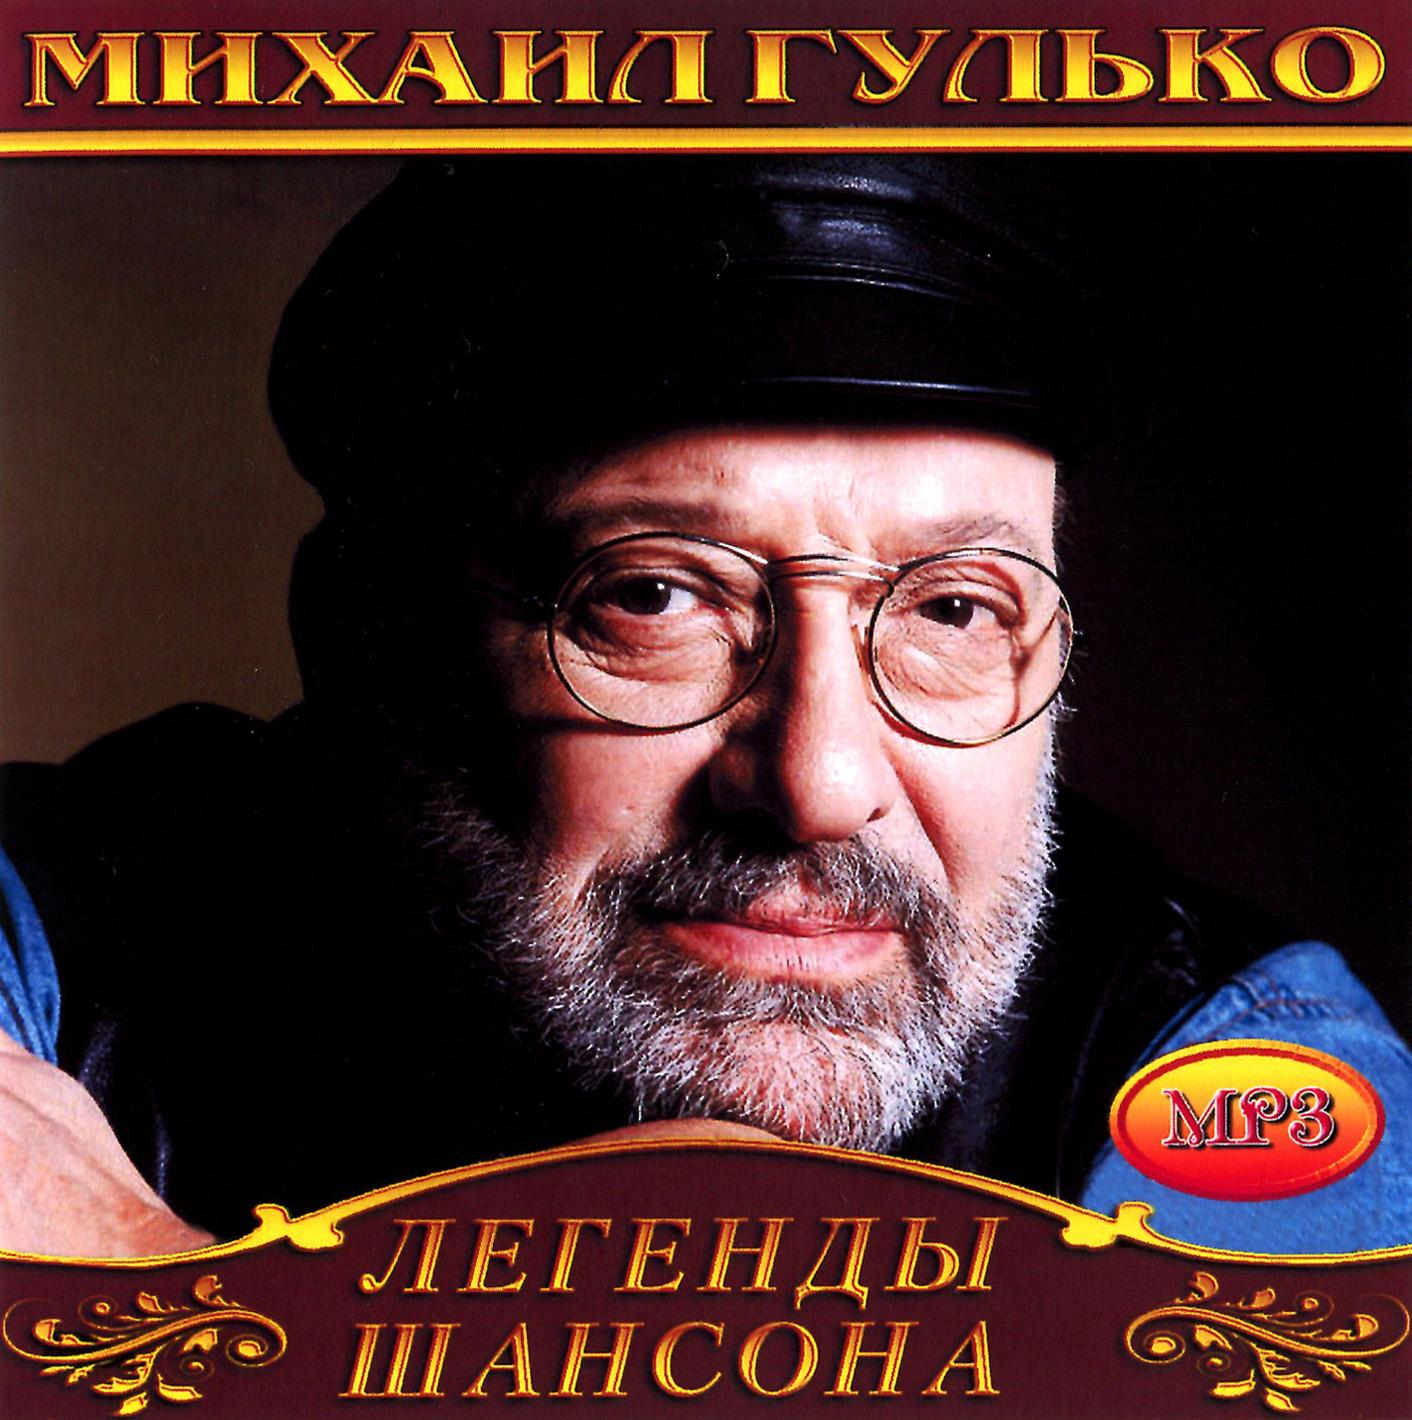 Михаил Гулько [mp3]